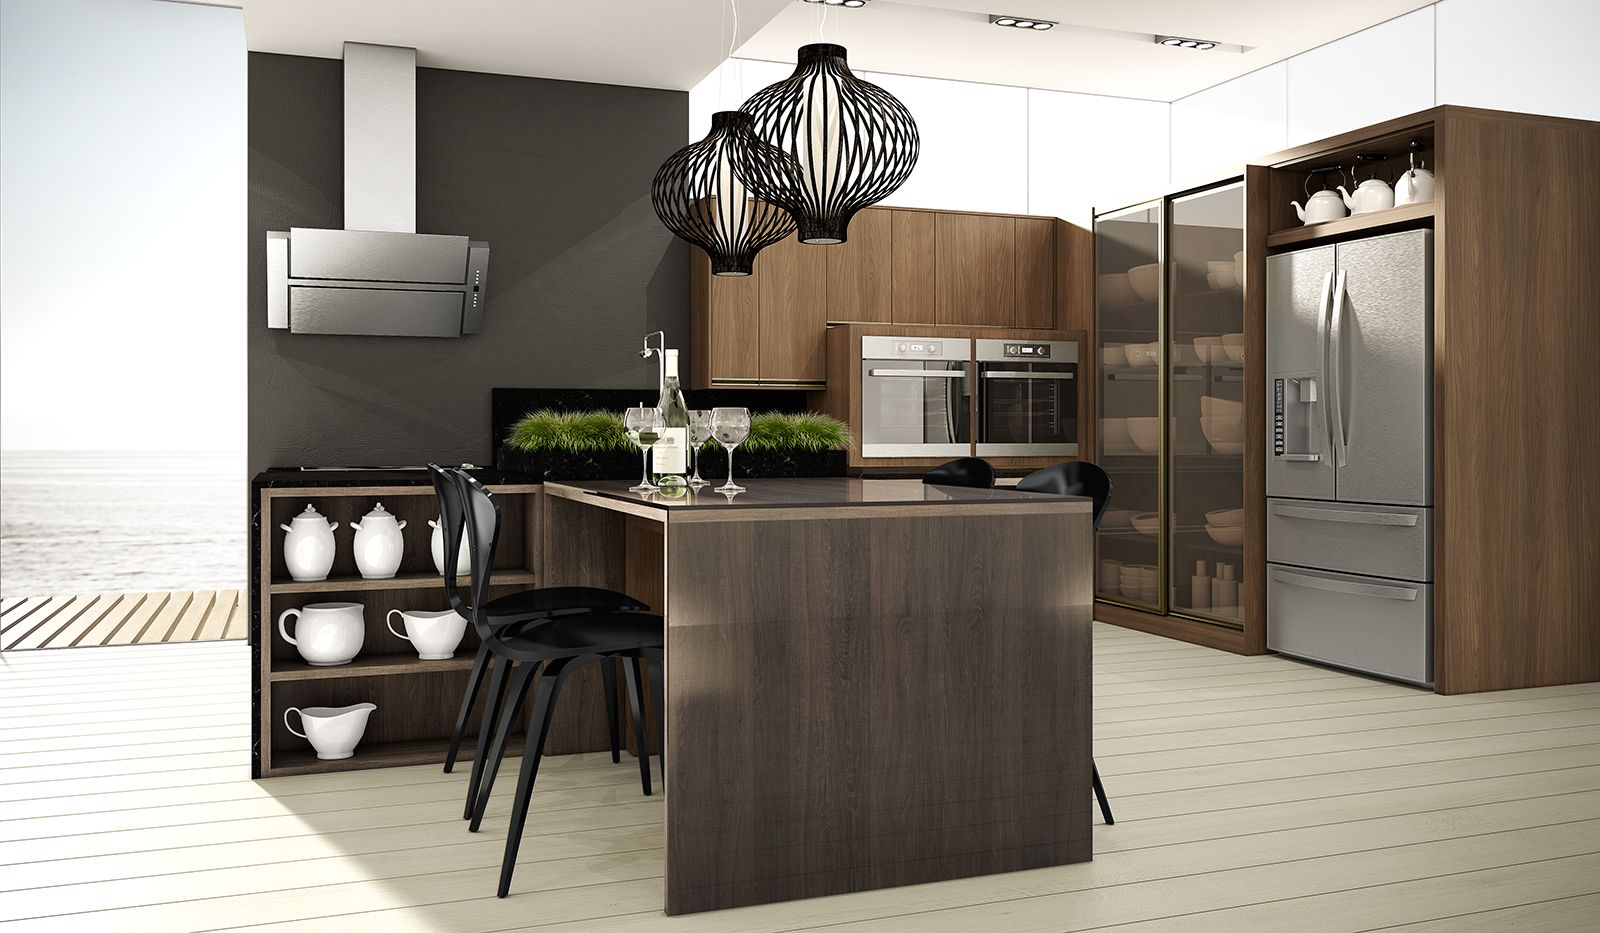 Cozinha marrom com ilha central.